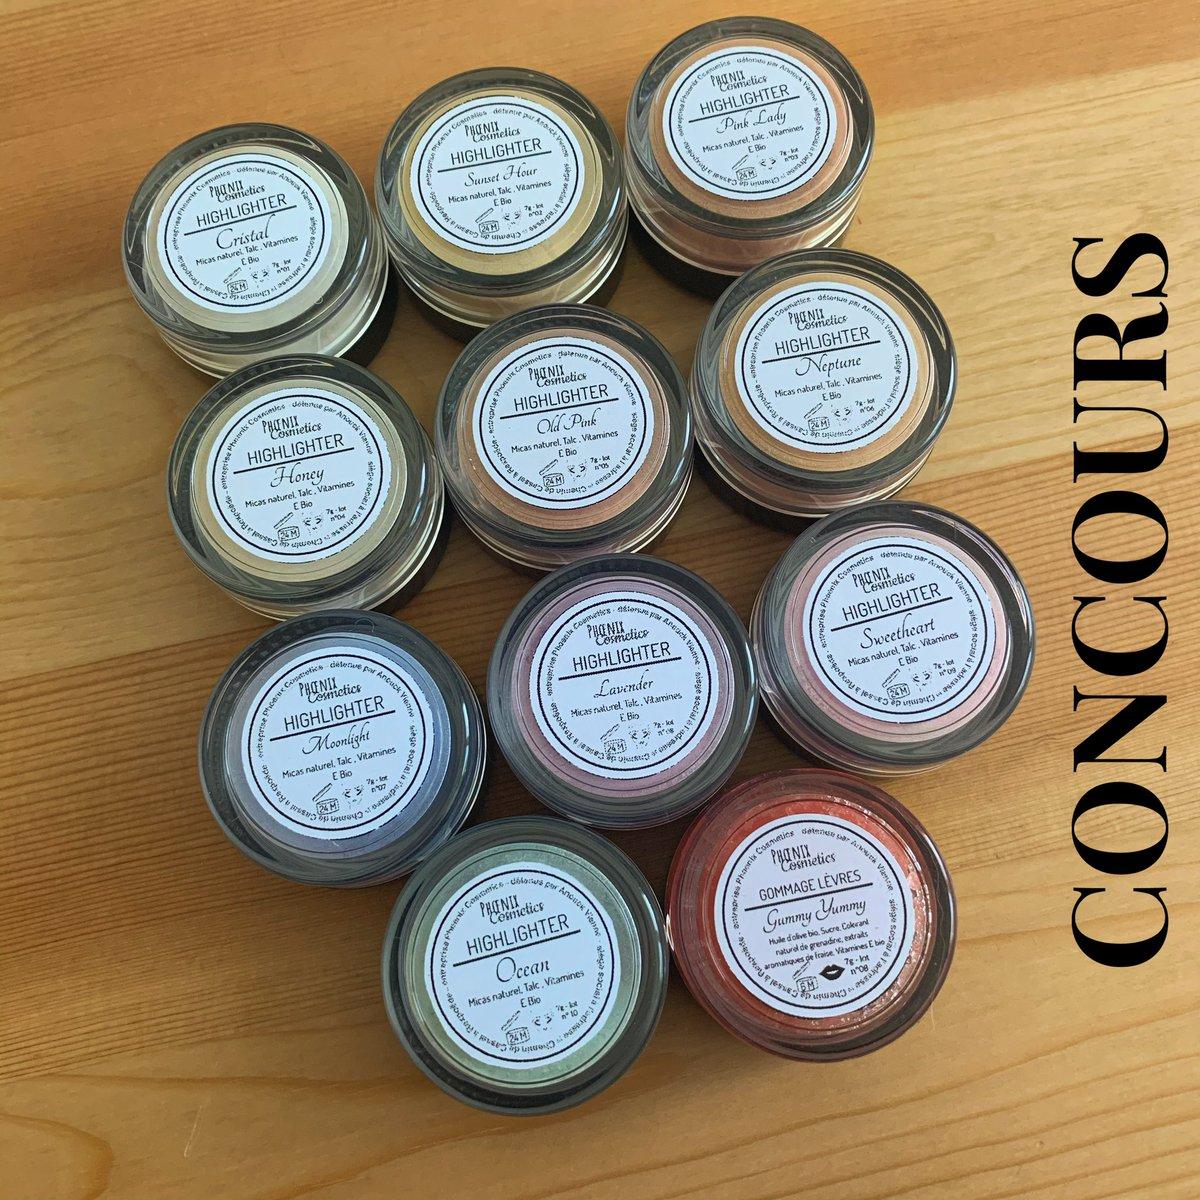 🍀 CONCOURS 🍀  Pour fêter les 1 an de Phoenix Cosmetics, nous organisons un concours composé de tous les produits de notre marque !   Conditions :   - être abonné à @PhoenixCosm_  - retweeter   Bonus : follow @/phoenix_cosmetics_ sur instagram !  Fin : 30.07 minuit  ! 🤞🏻🍀